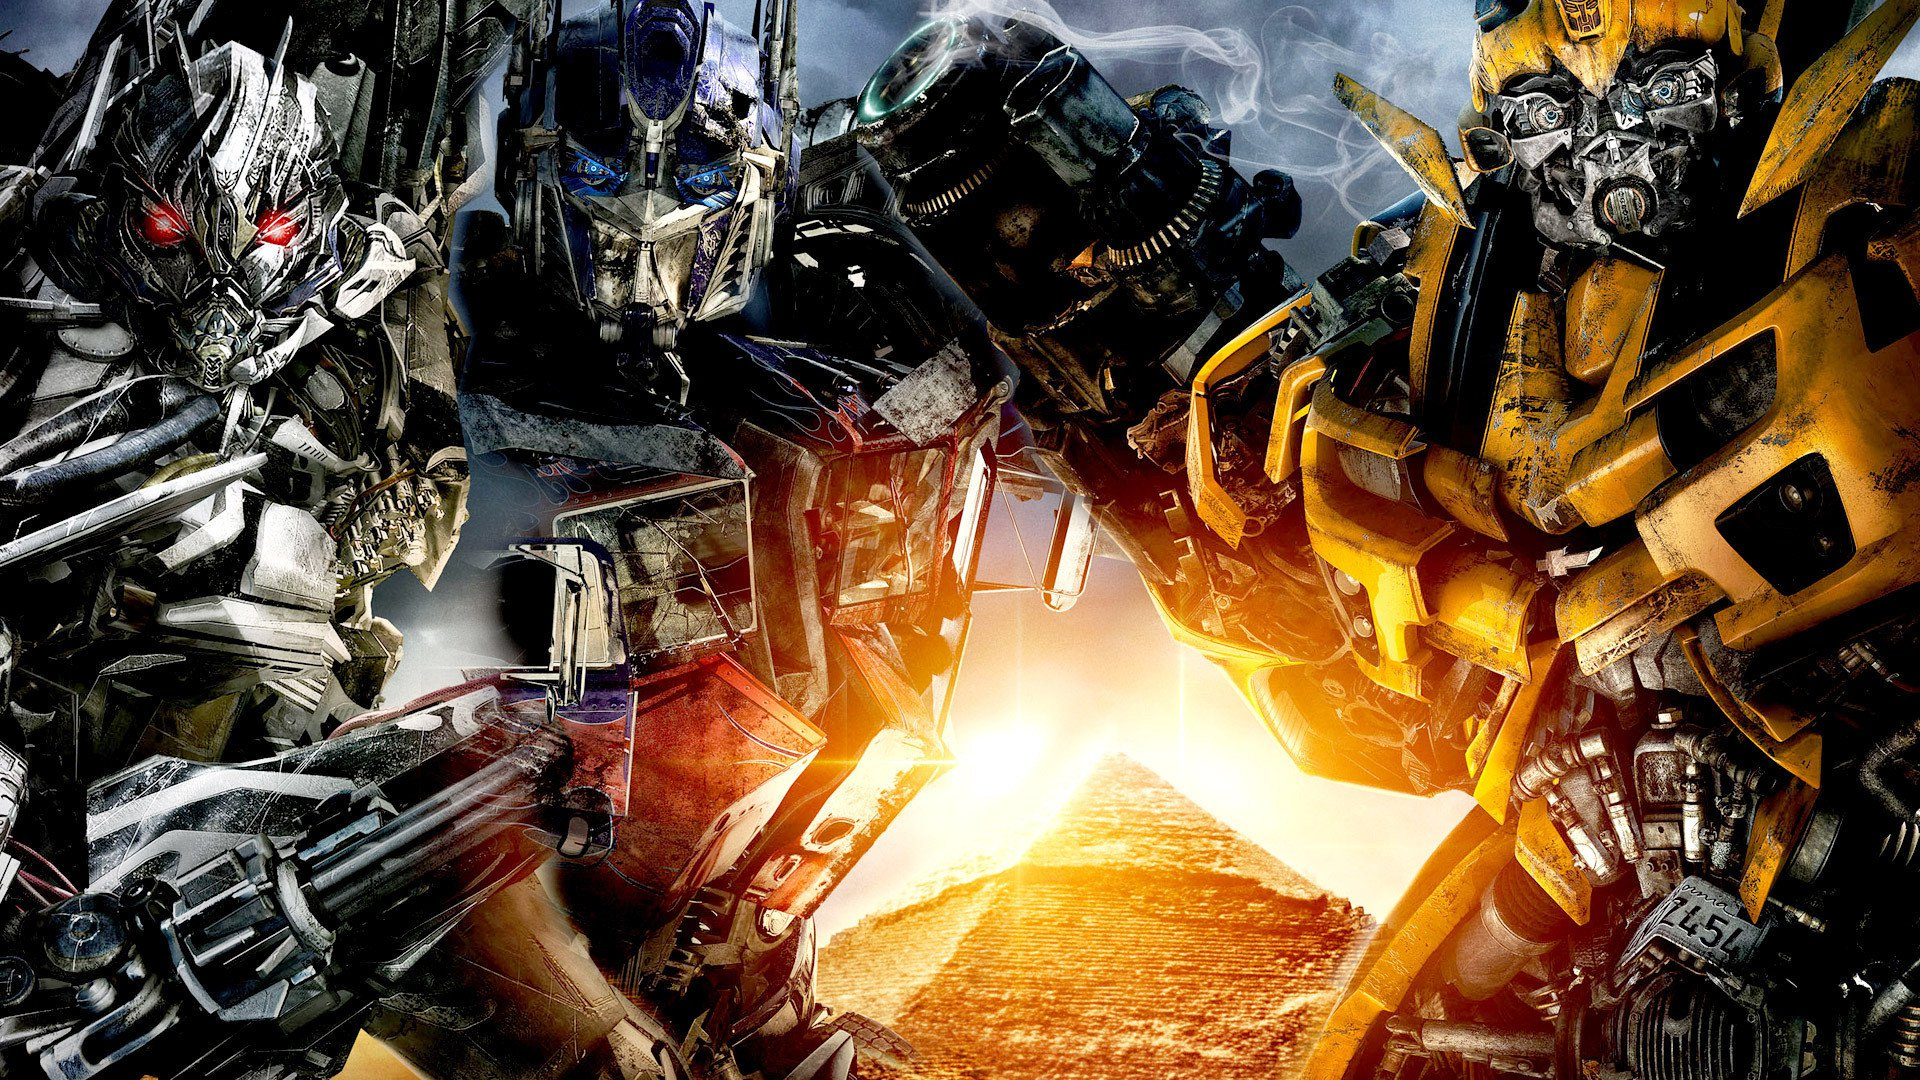 Regarder Transformers 2: La Revanche en streaming gratuit